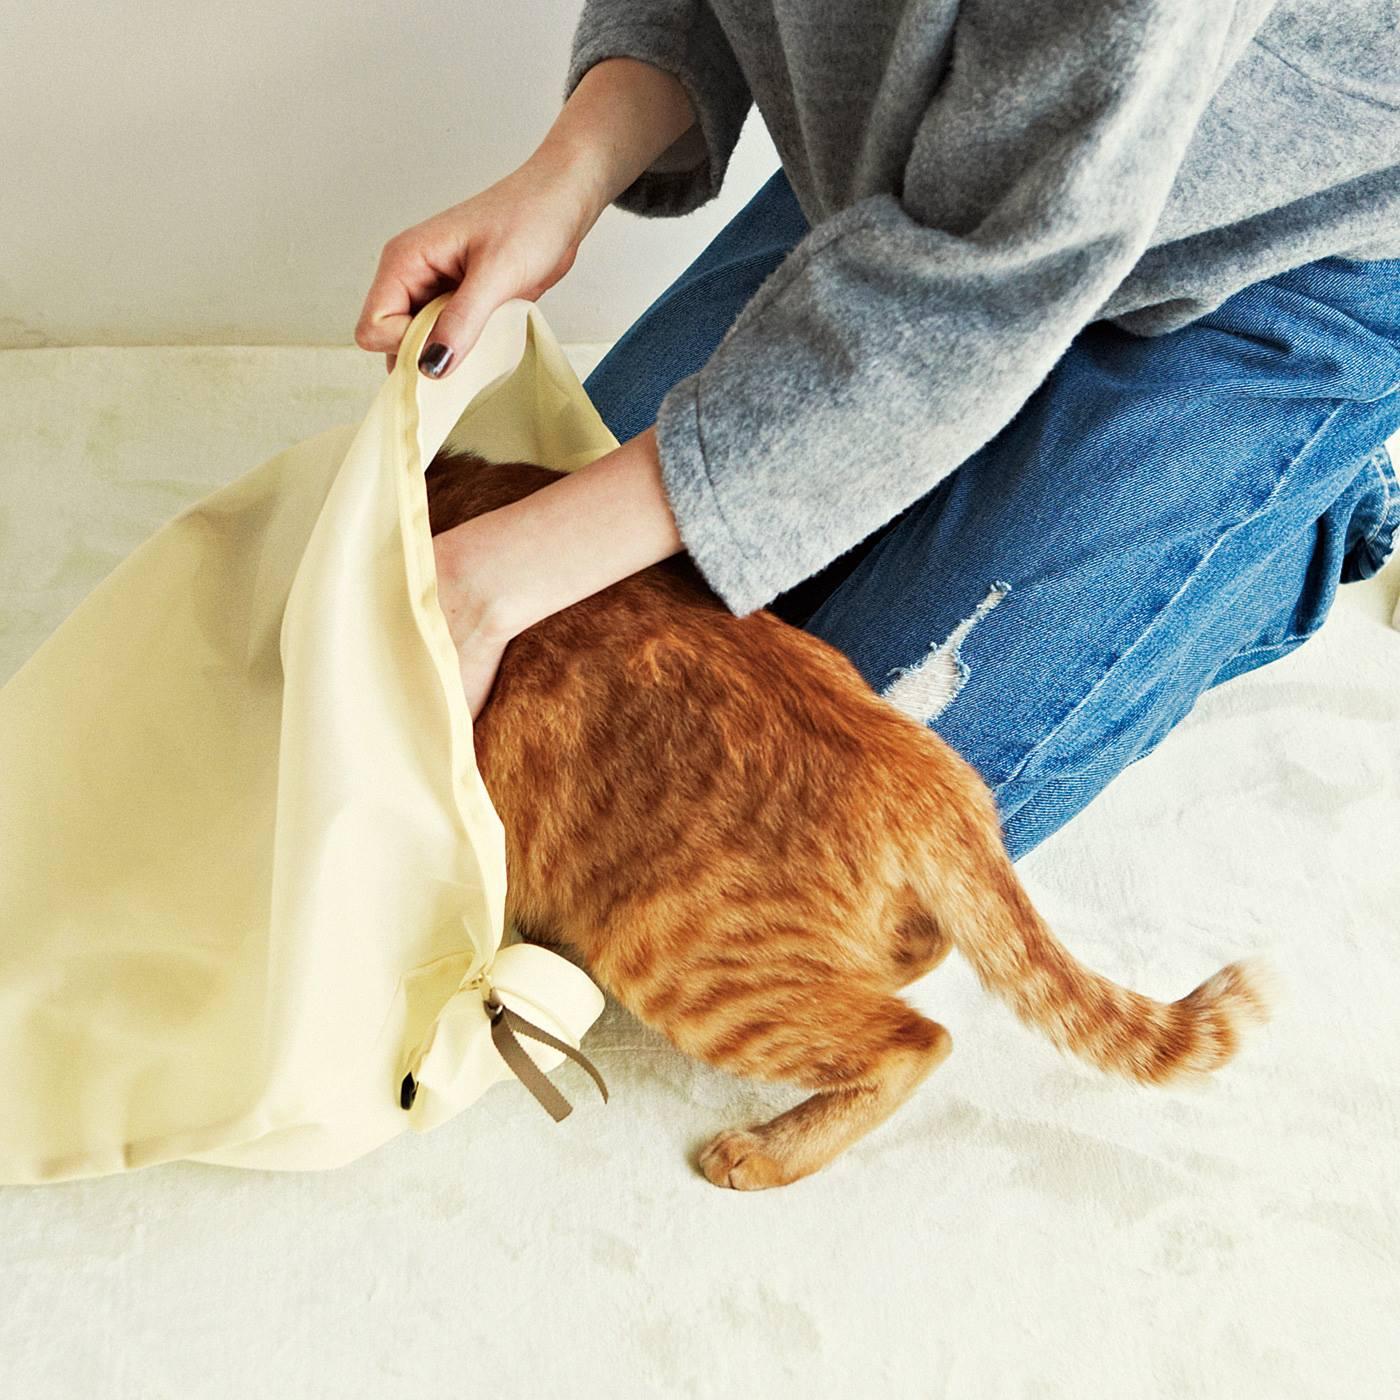 1.猫さんをネット袋に入れる。